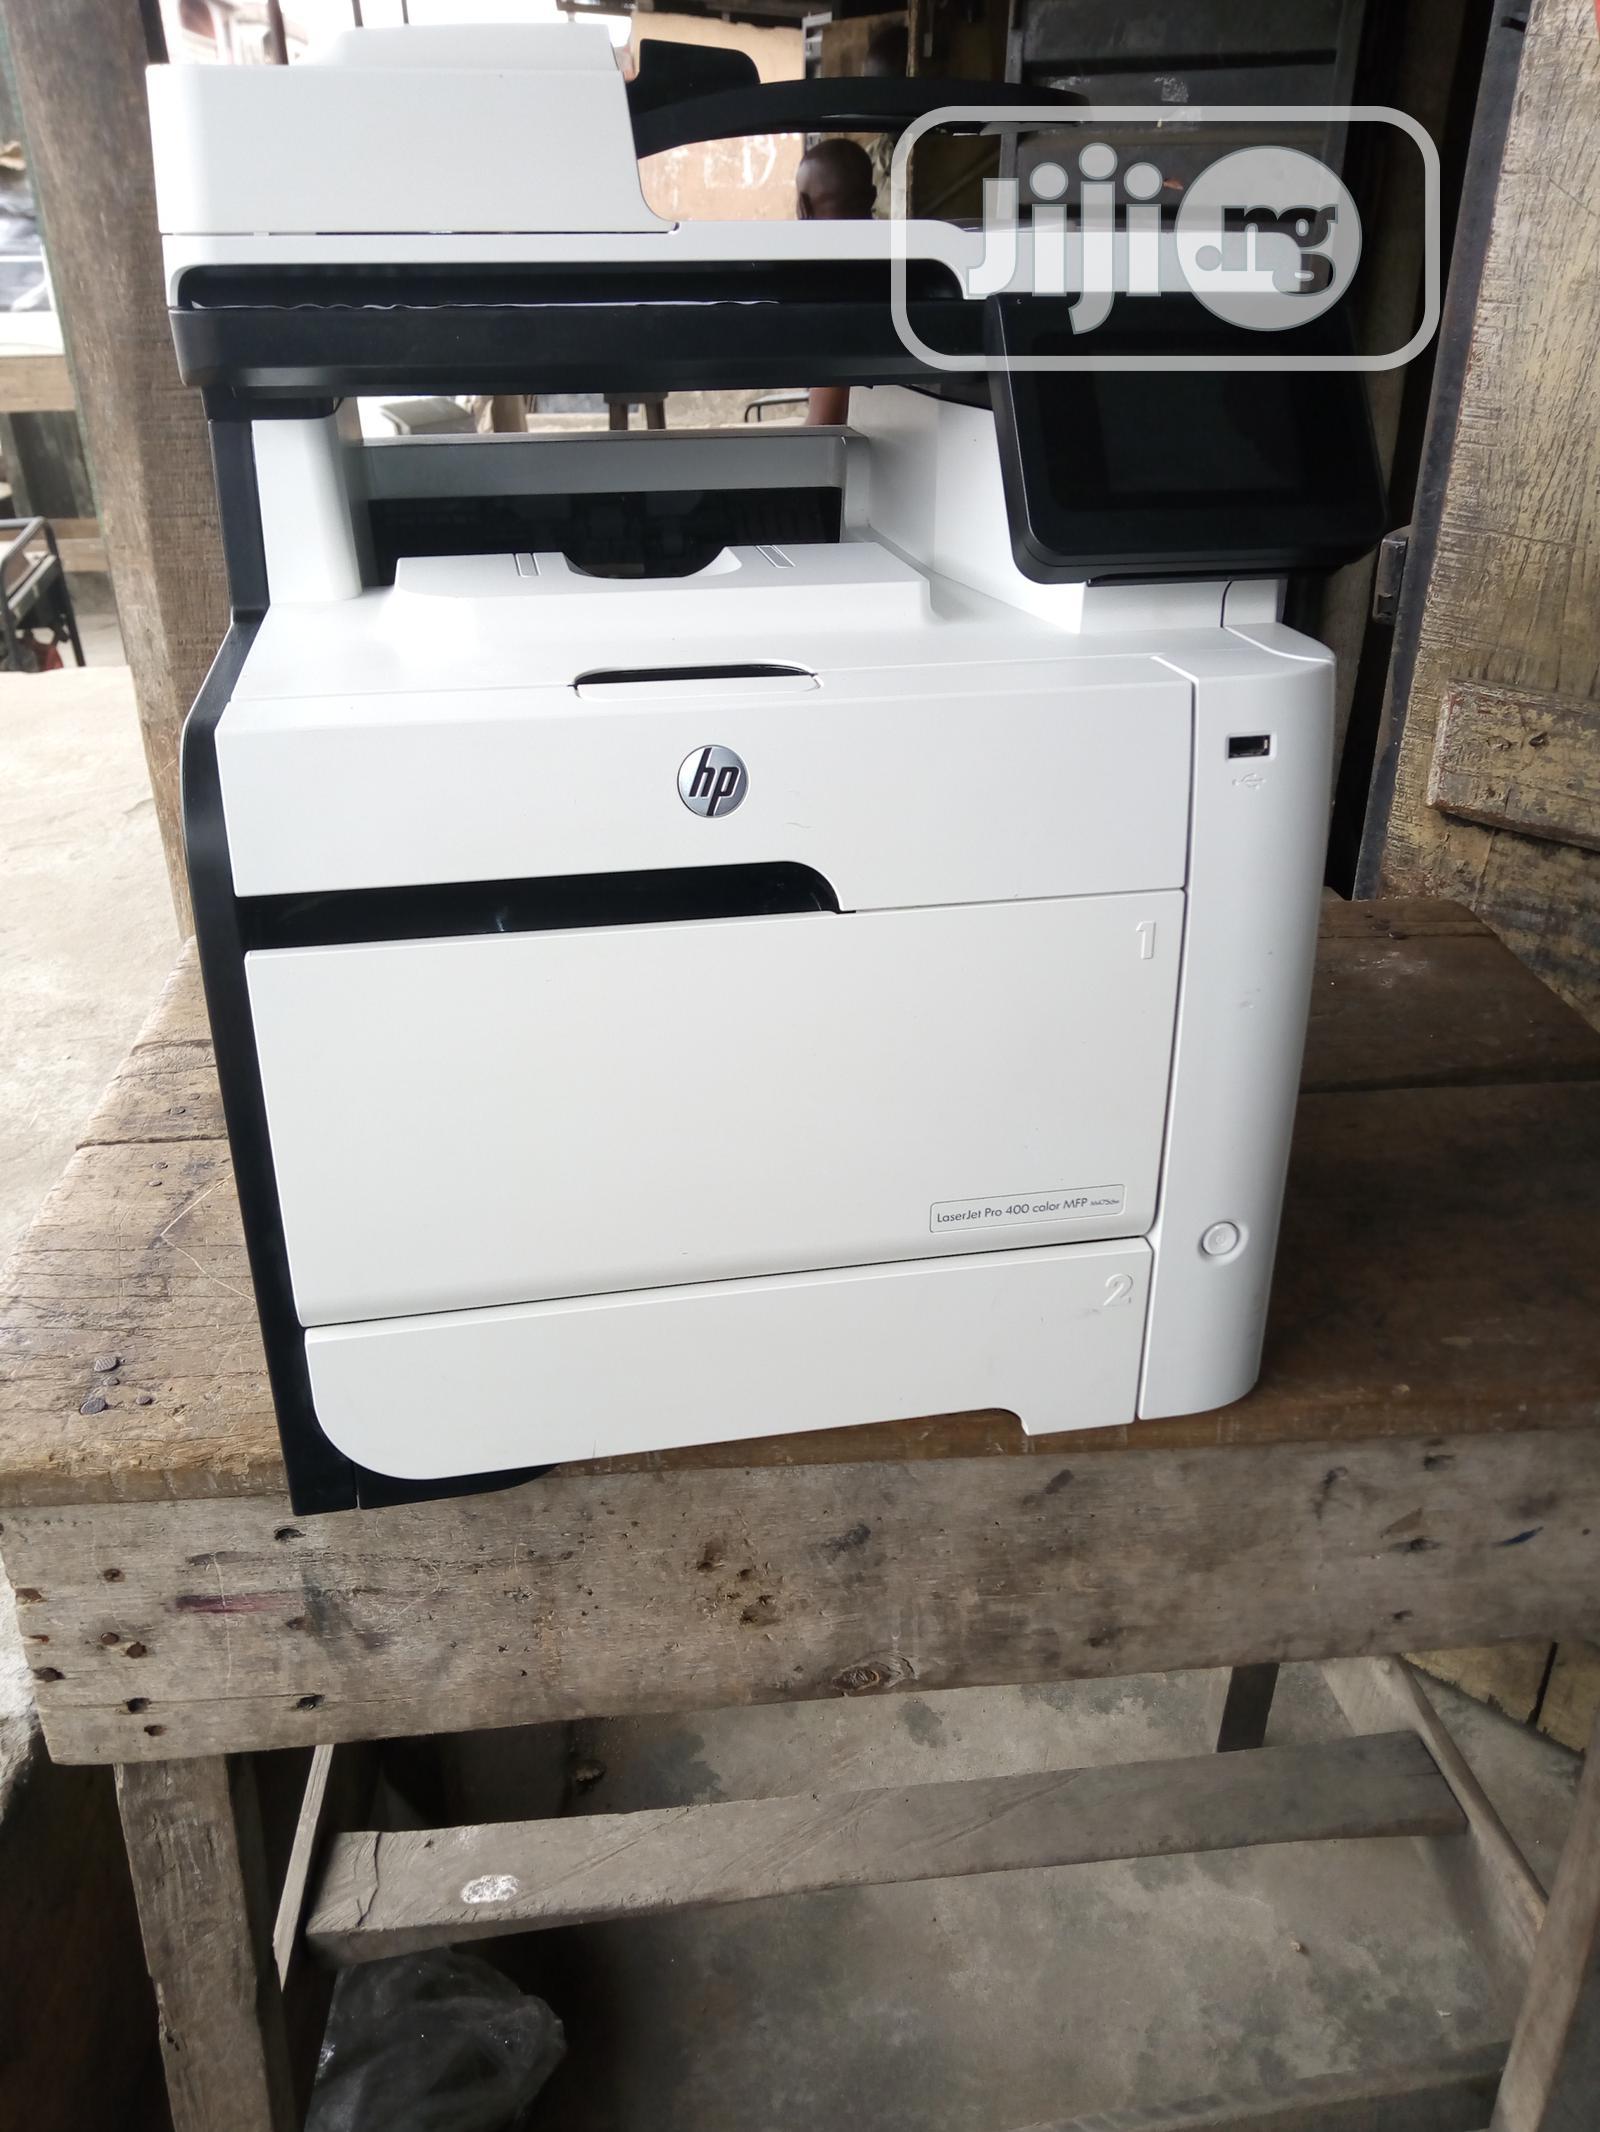 HP Laserjet Pro400mfp457